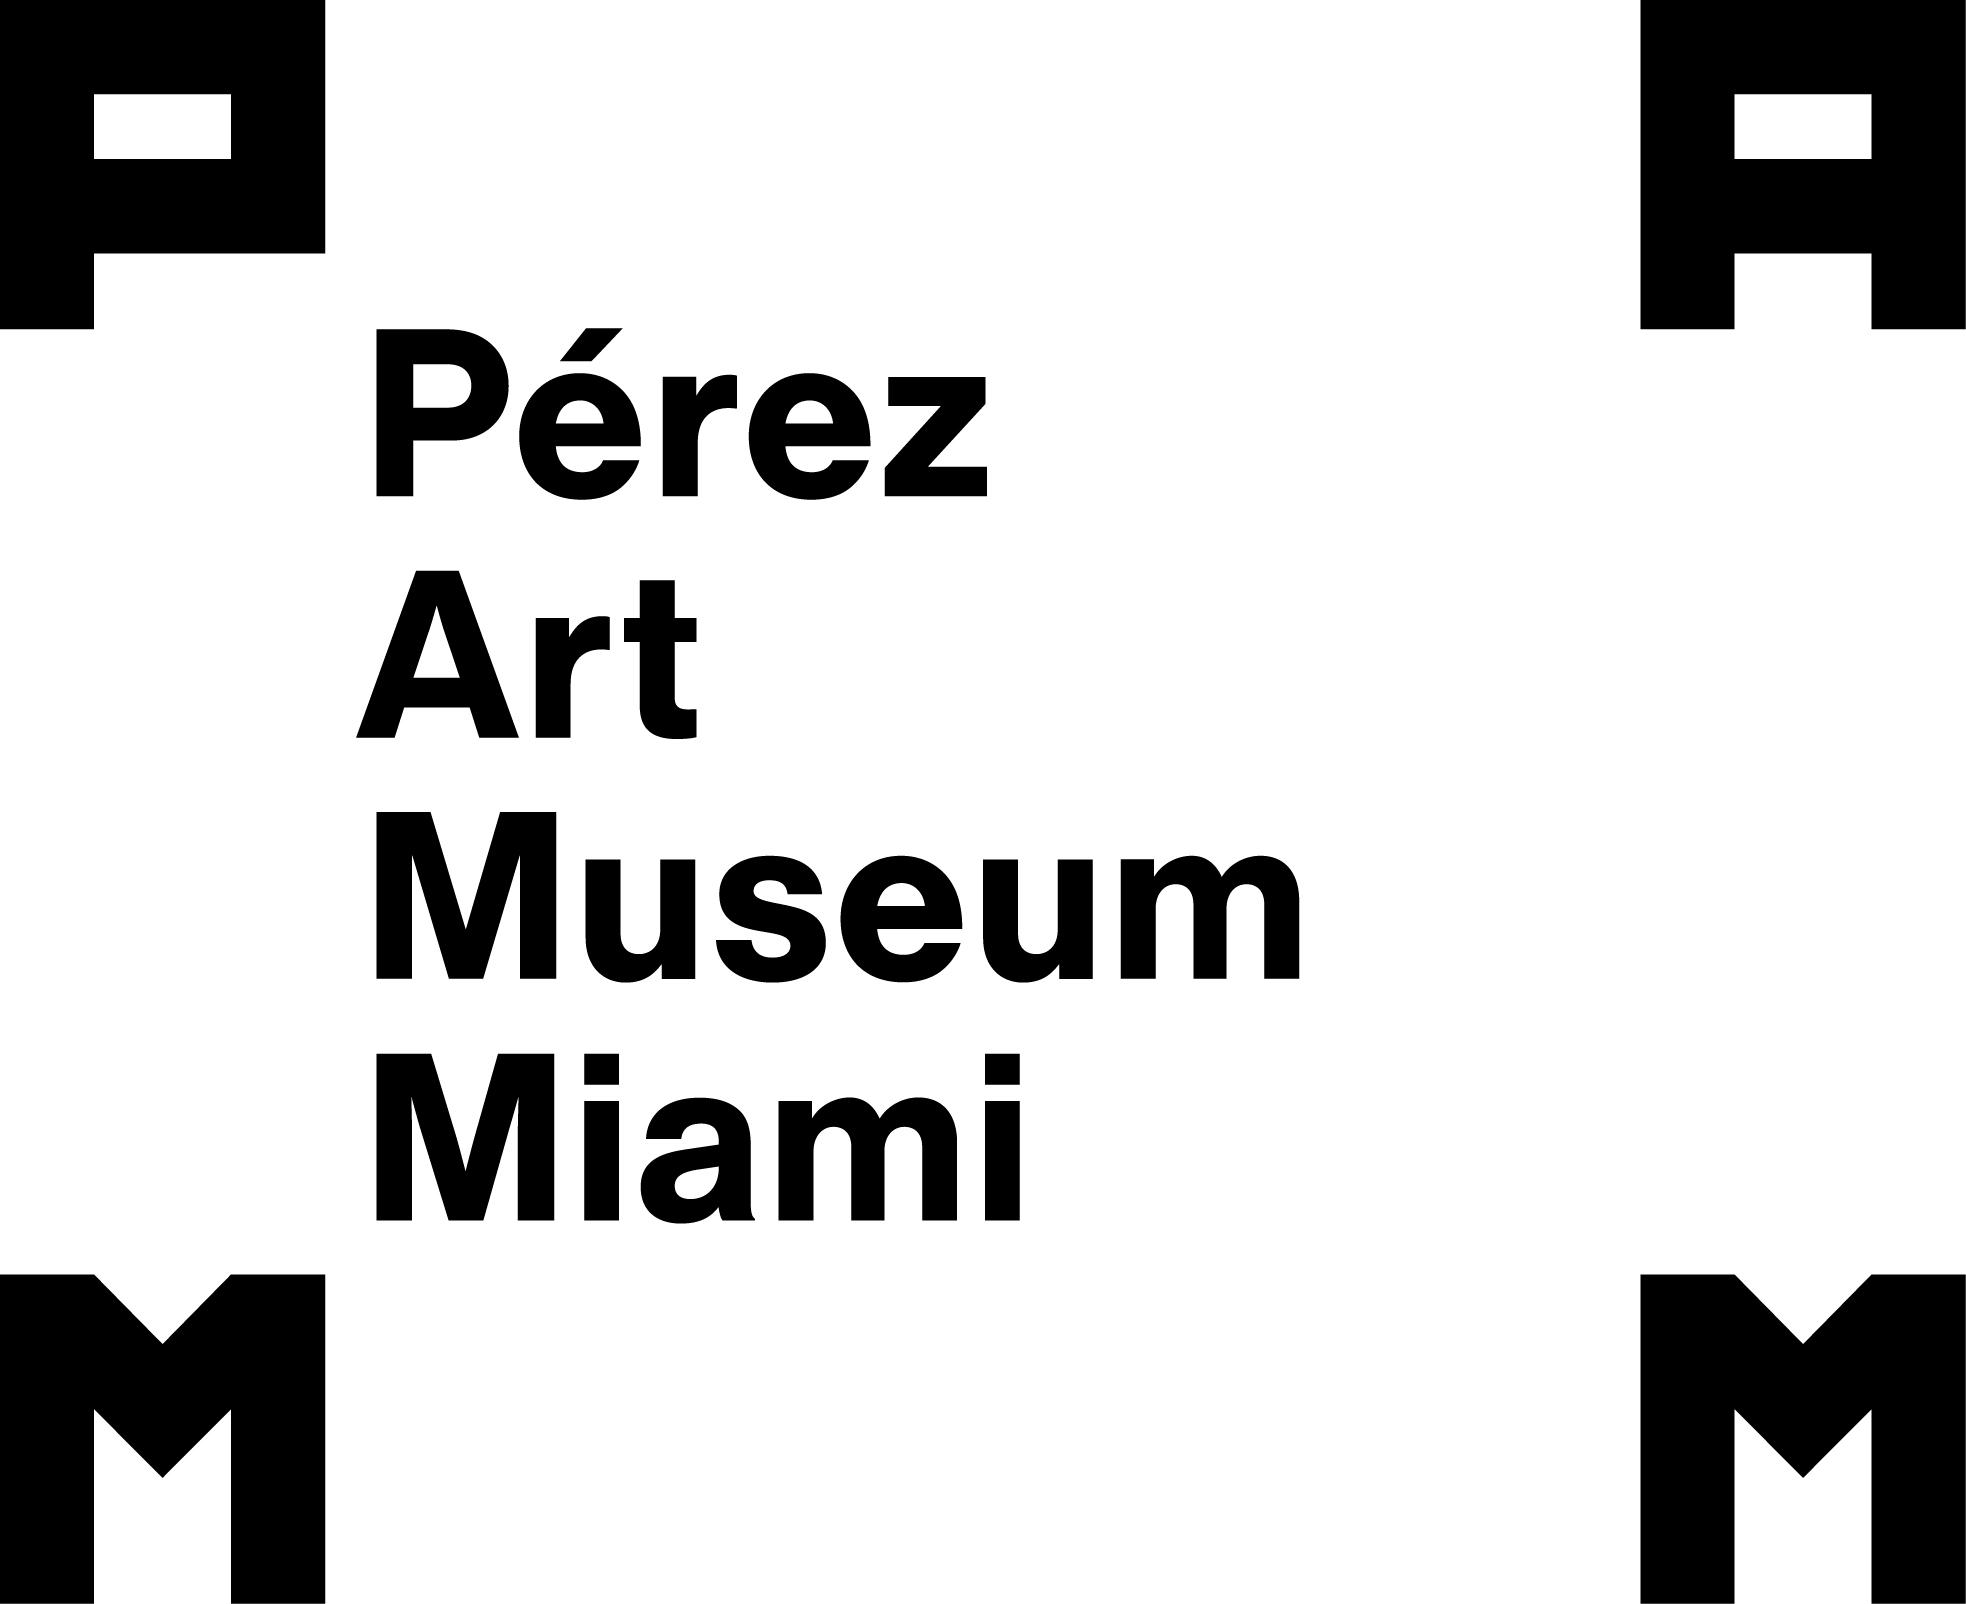 logo perez art museum miami